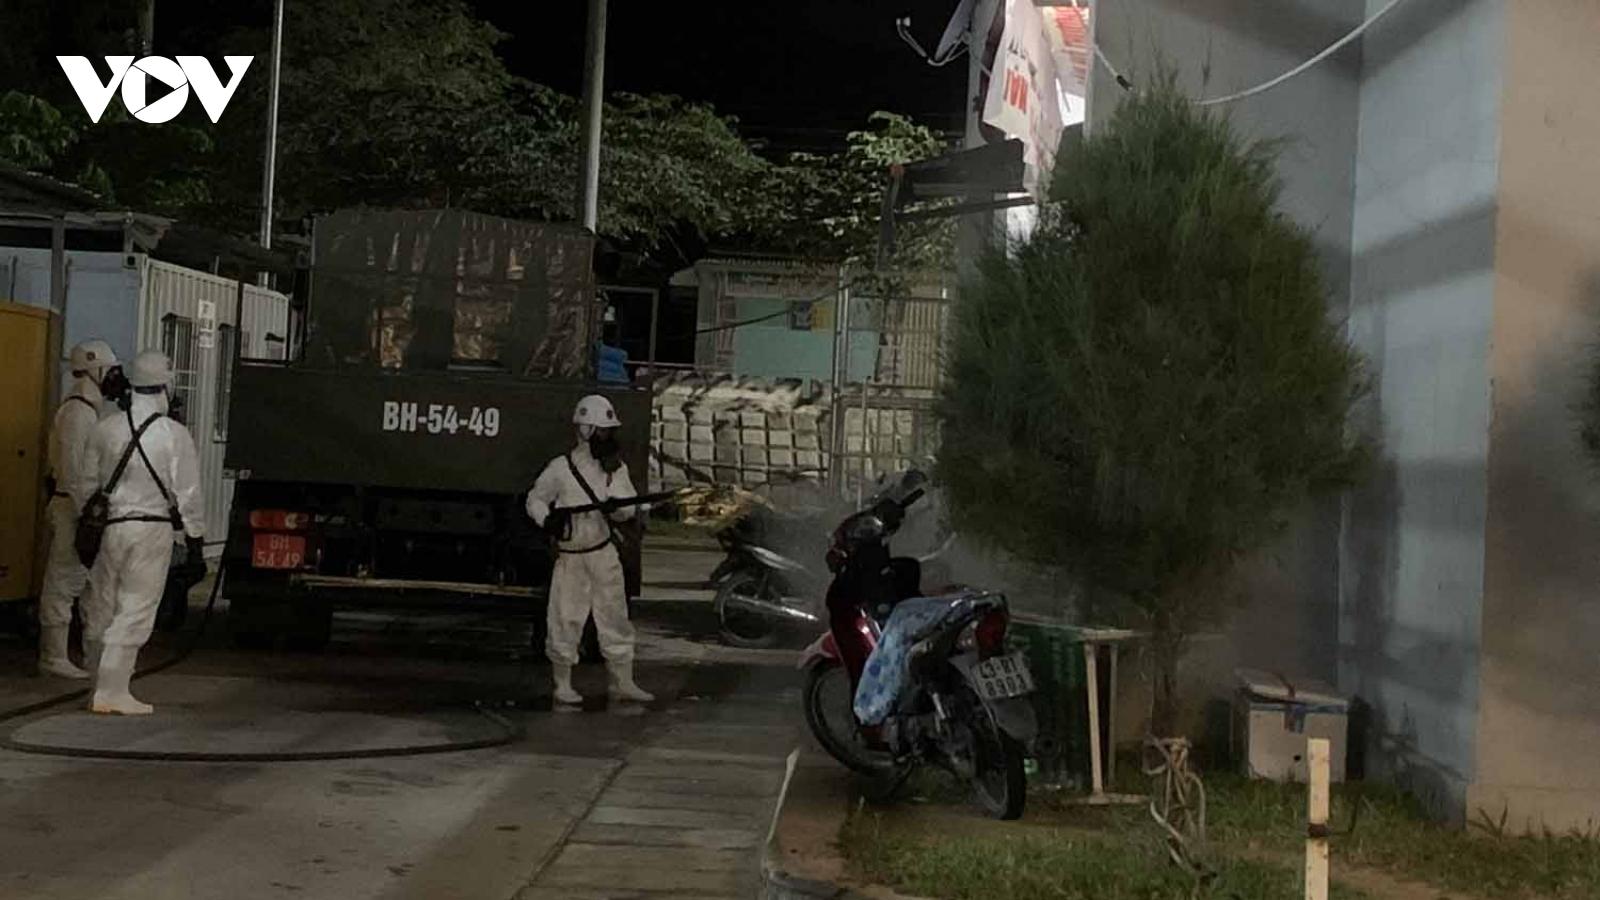 Đà Nẵng tạm dừng hoạt động shipper, grab, đạp xe, không được tập trung quá 2 người